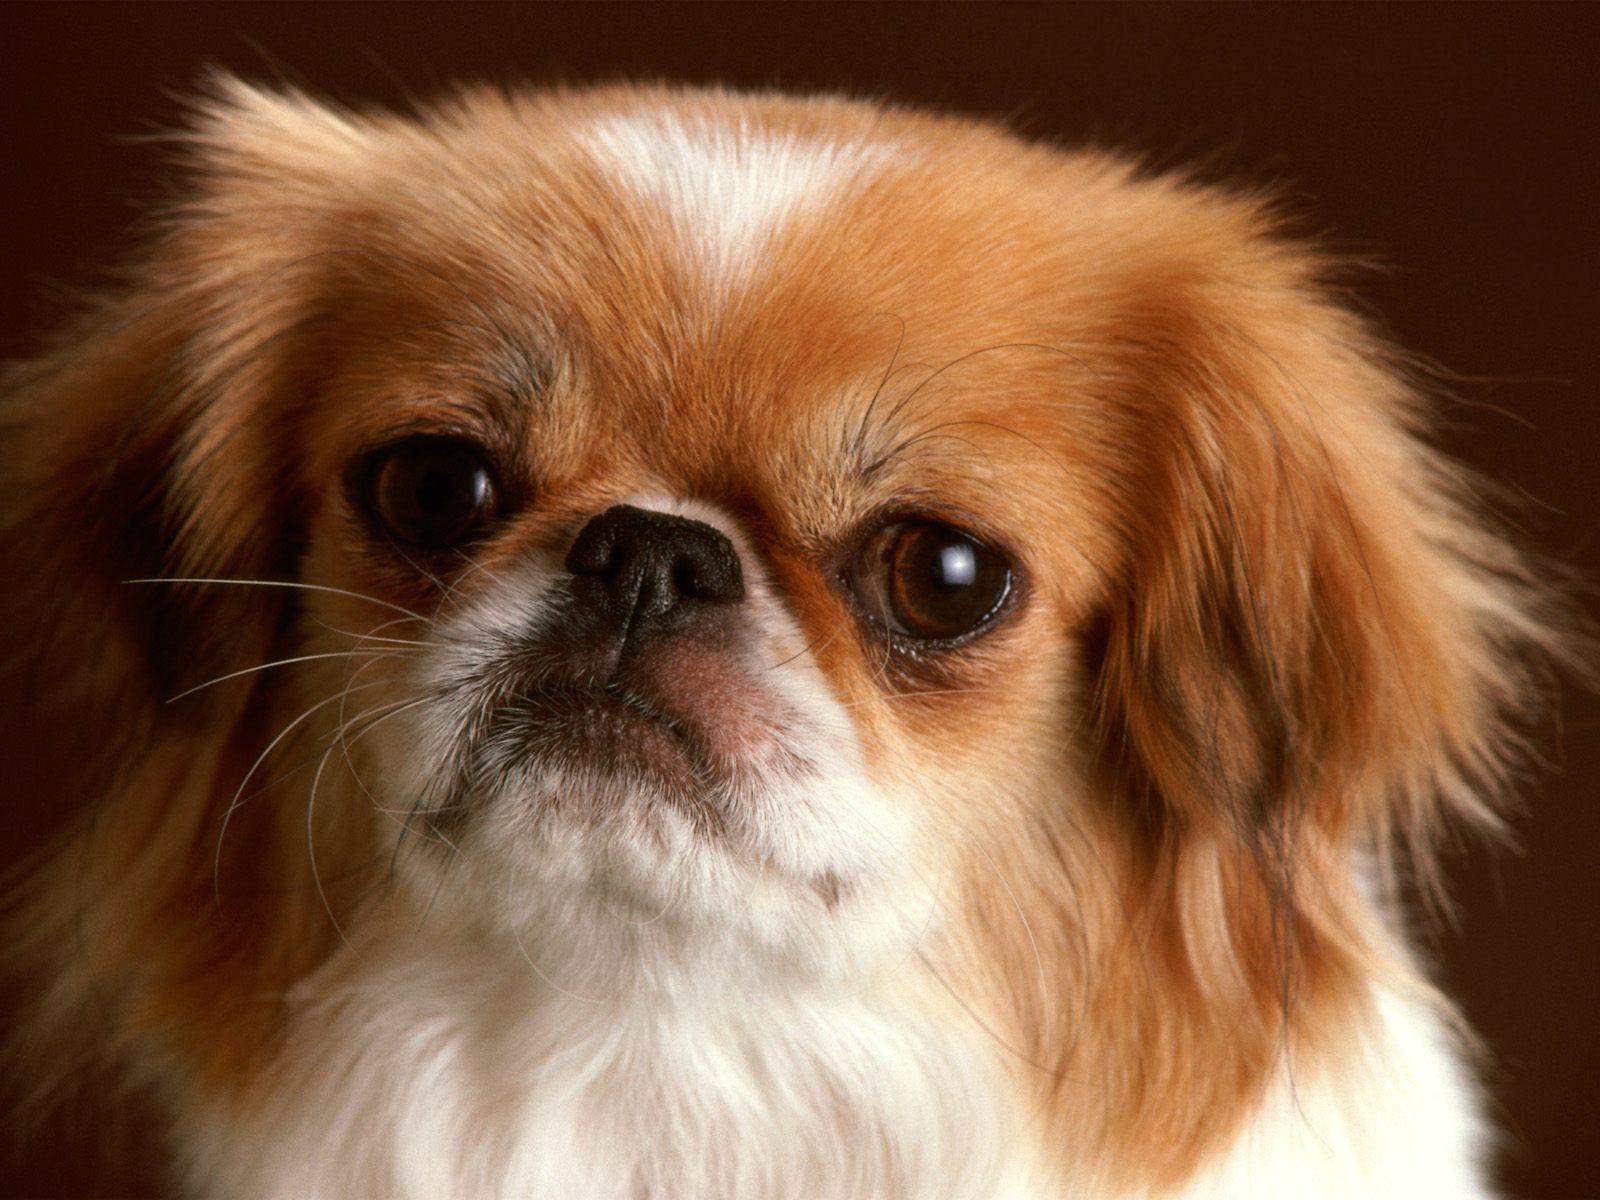 http://2.bp.blogspot.com/-8BQ8YYXib3c/UAh1Jlxha-I/AAAAAAAAA-Q/ib_MksEkliU/s1600/dogspic%2B(1).jpg